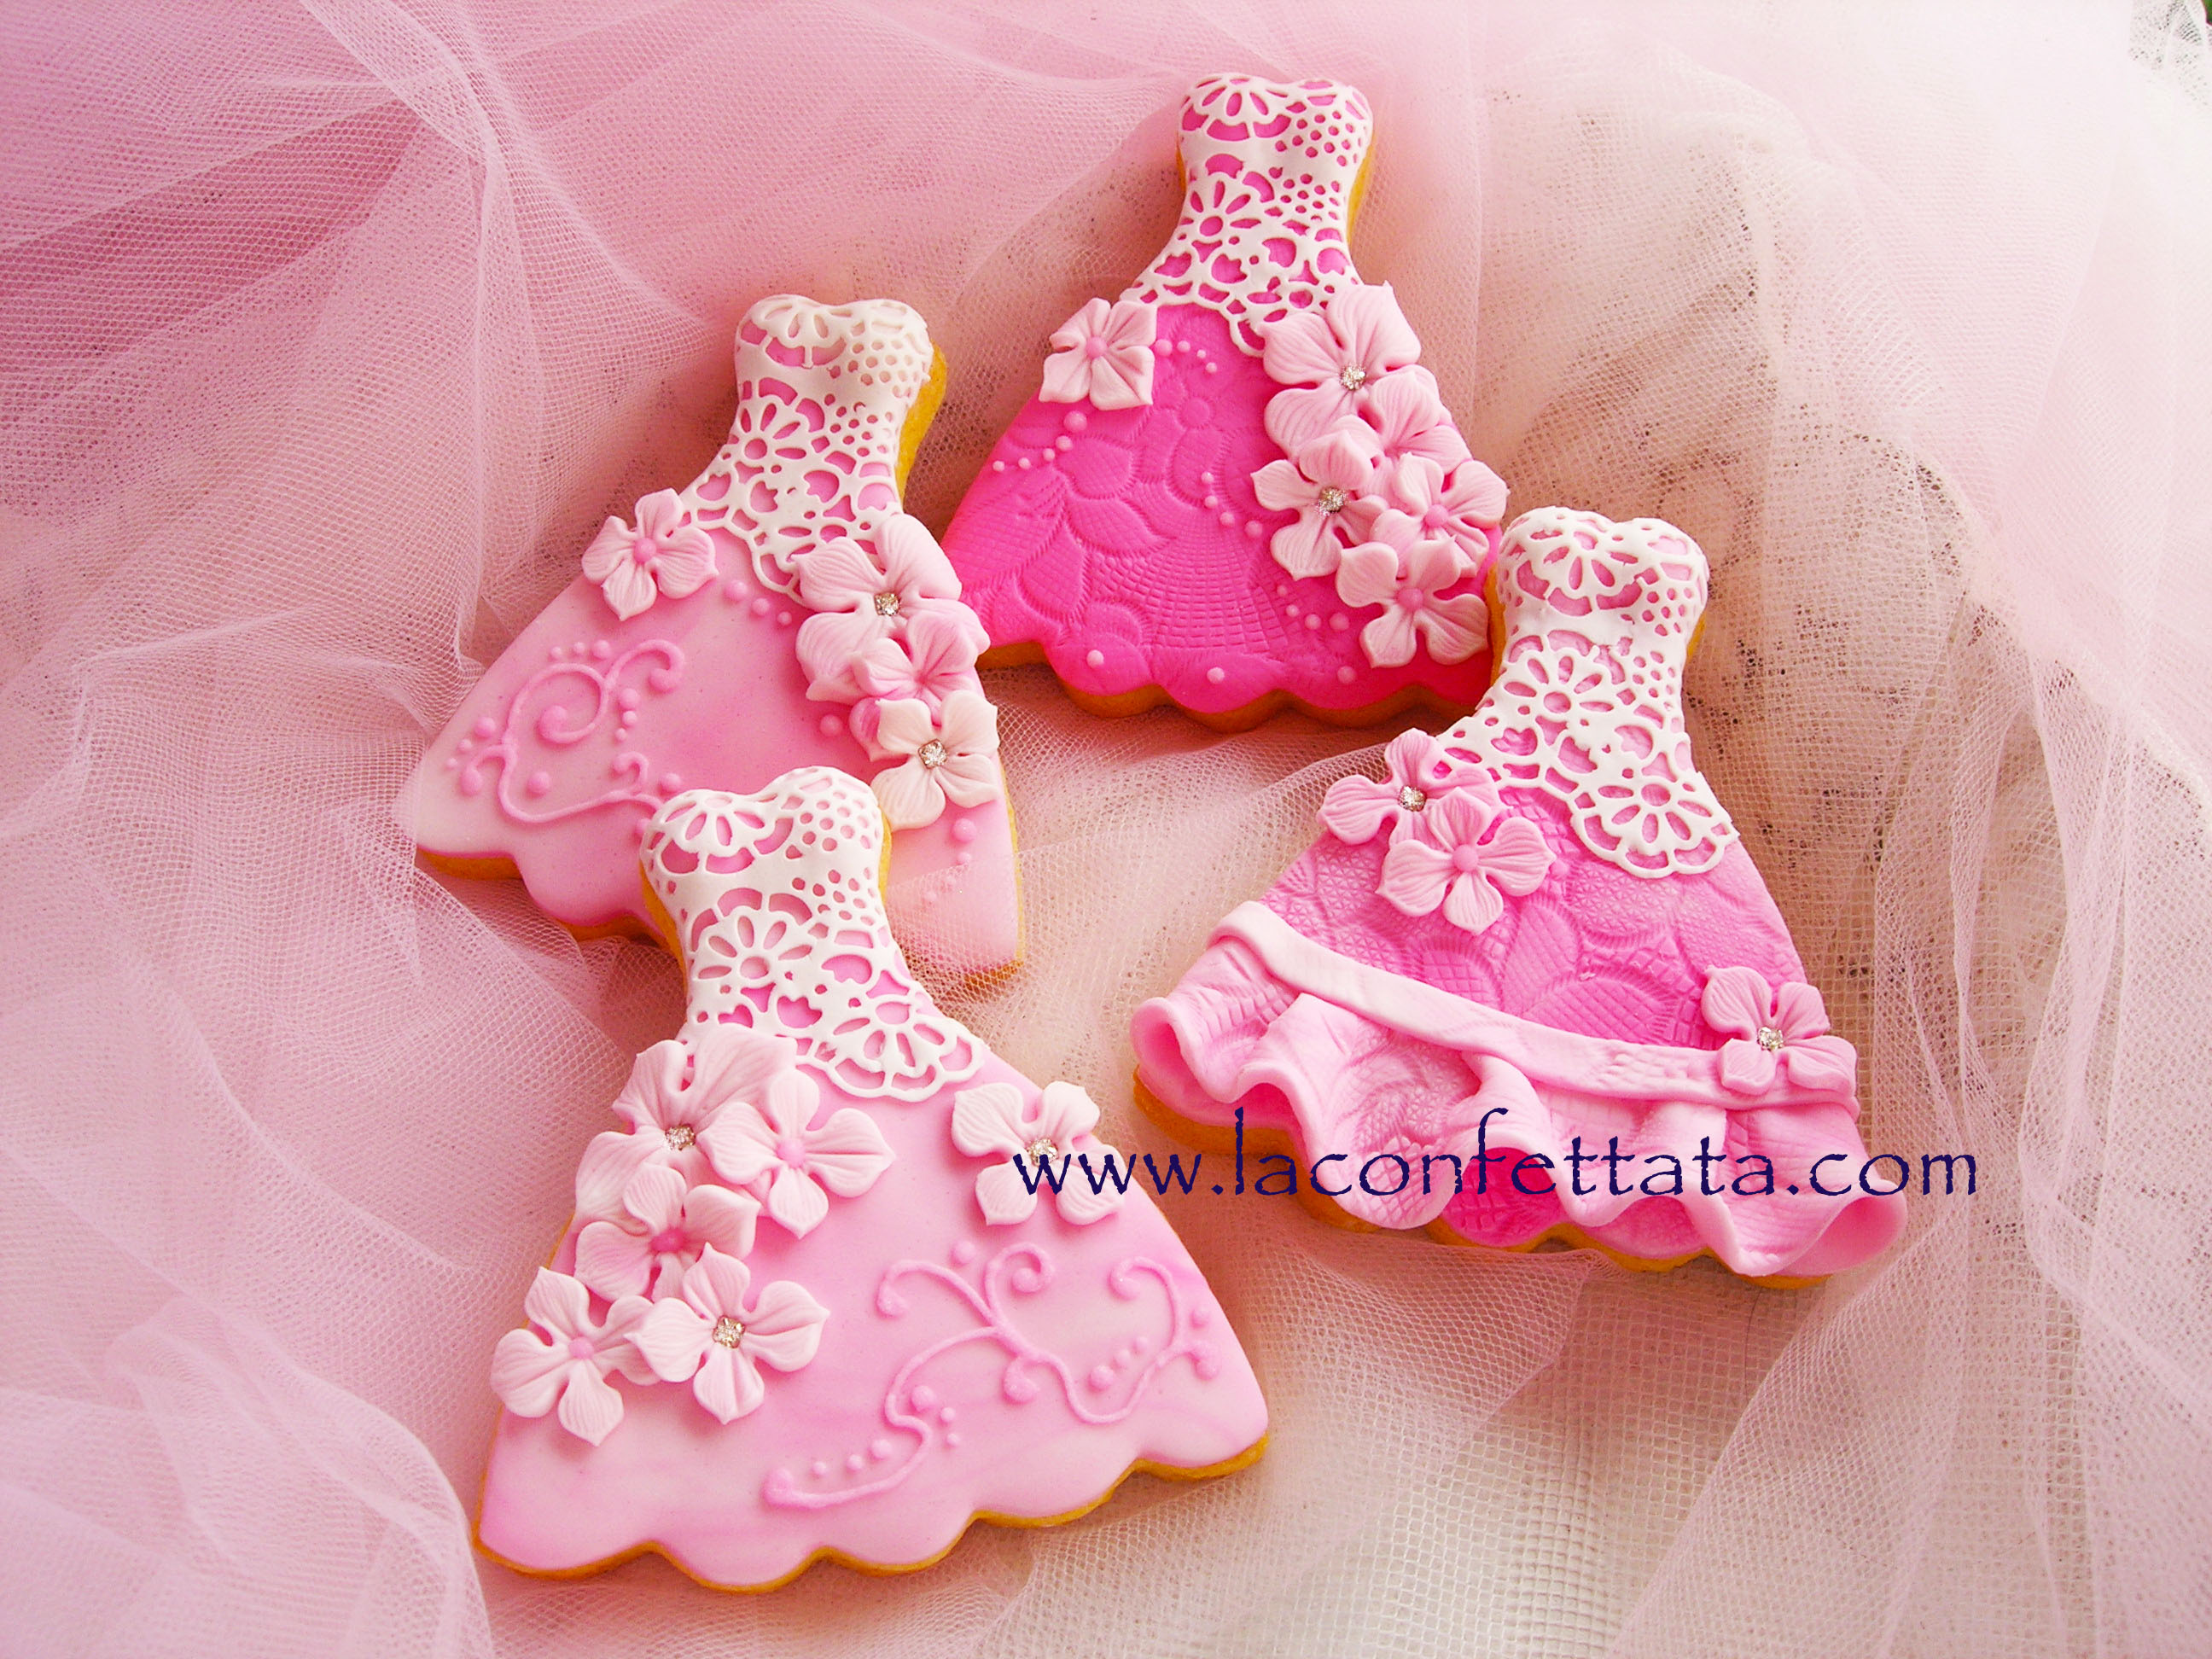 biscotti segnaposto comunione, segnaposto comunione, biscotti decorati, biscotti segnaposto